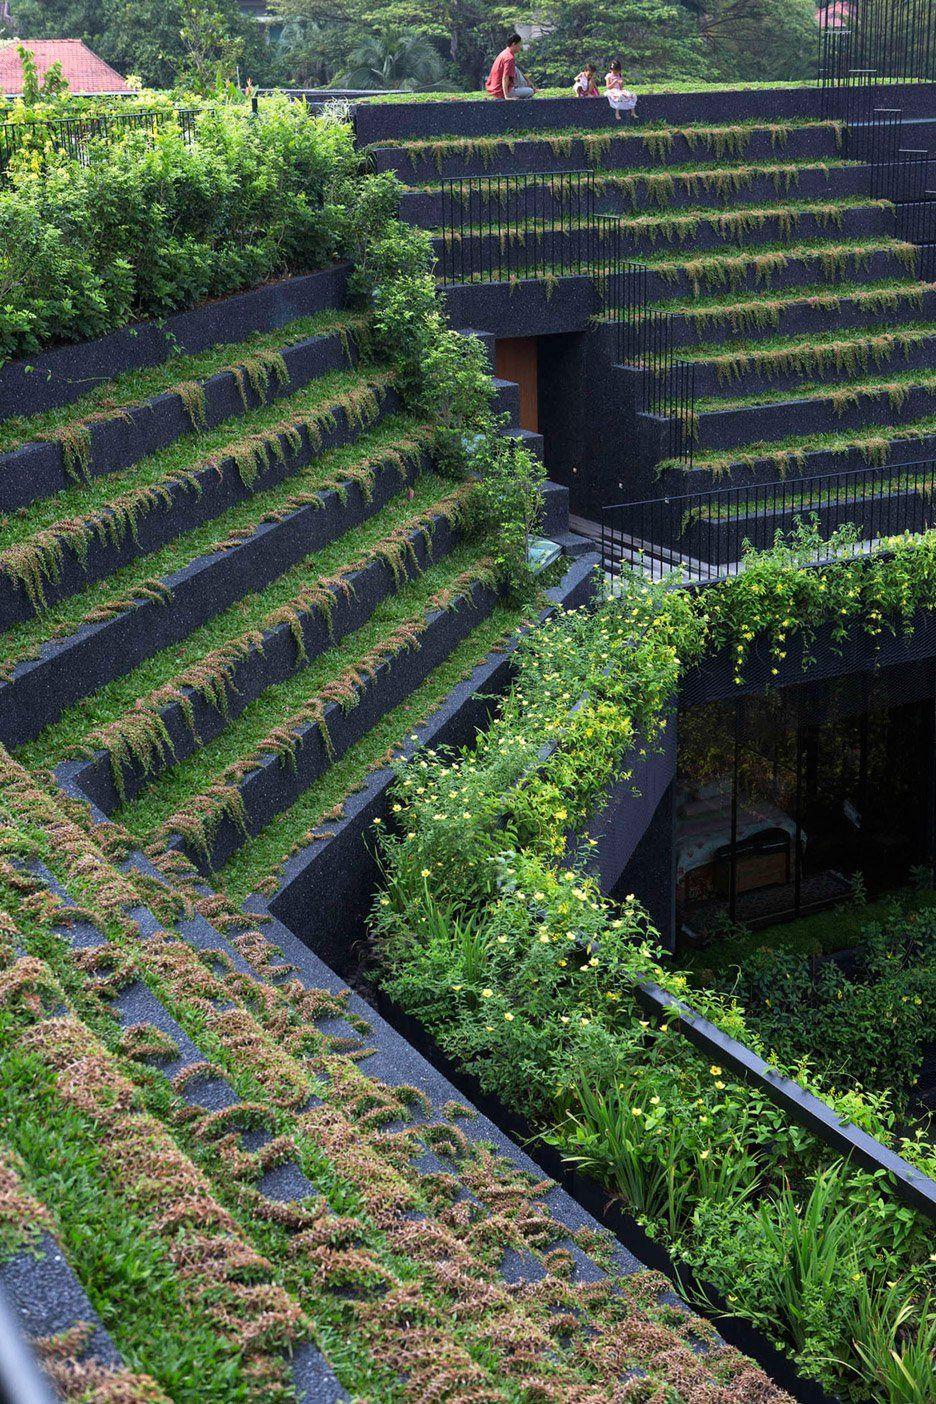 Chang Architects ontwierp een villa in Singapore met een dak dat geïnspireerd is op de terrasvormige Sawa. Met een zwembad als centraal punt heeft het de weelderige sfeer van de Hangende tuinen van Babylon.